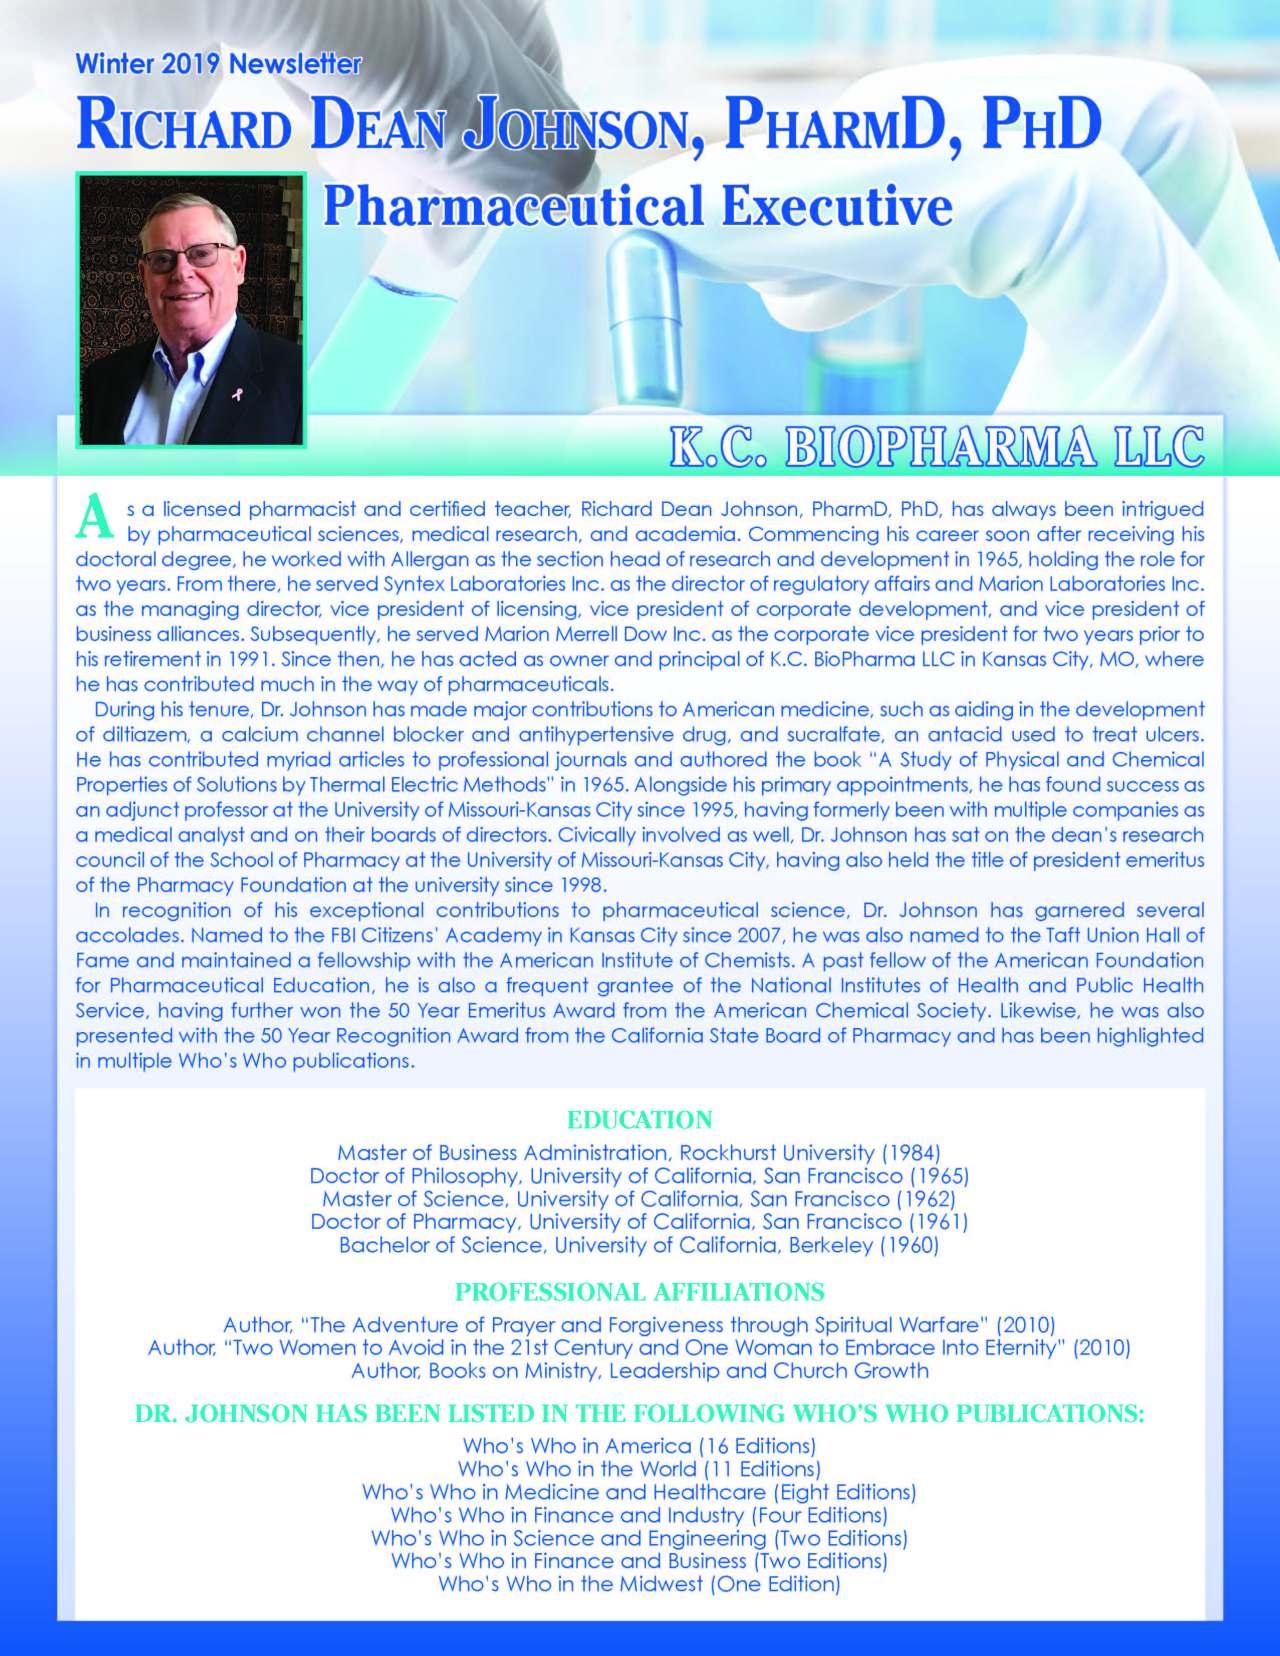 Johnson, Richard 2156898_84729 Newsletter